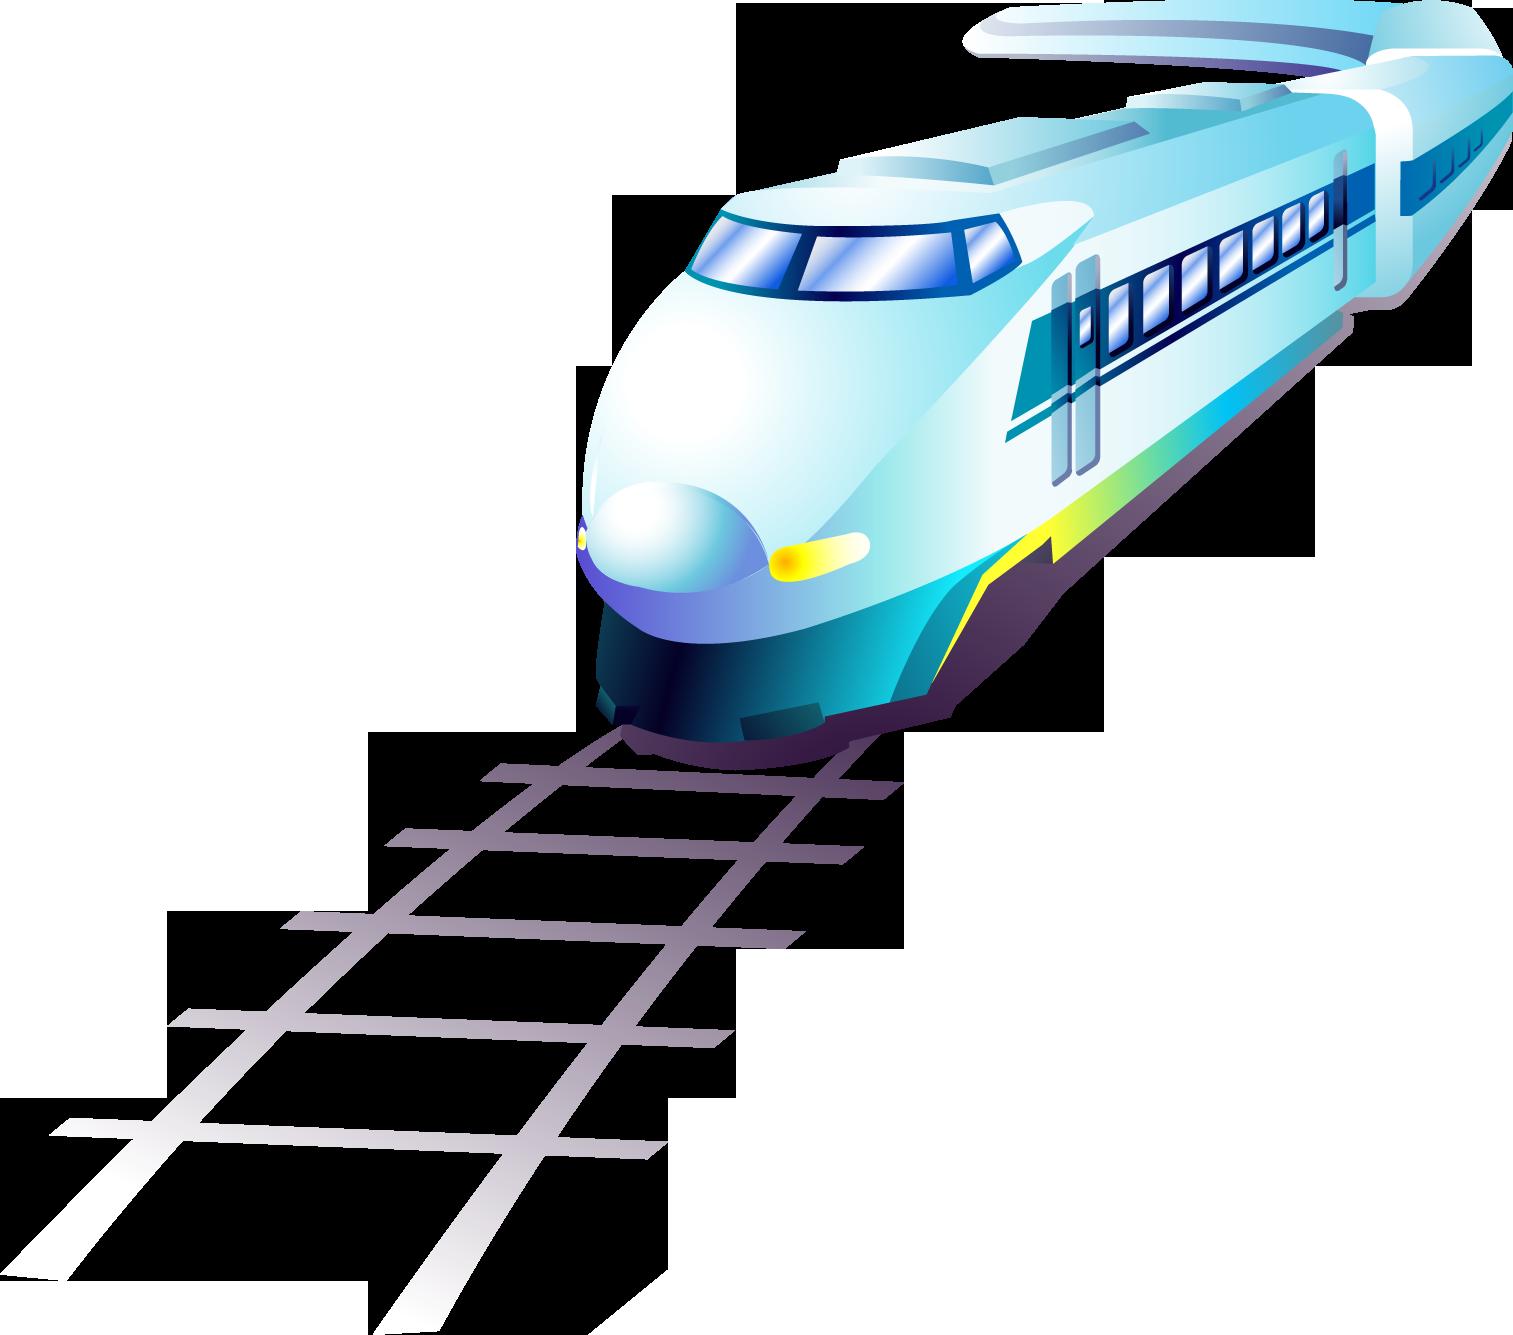 Картинка поезда в презентации